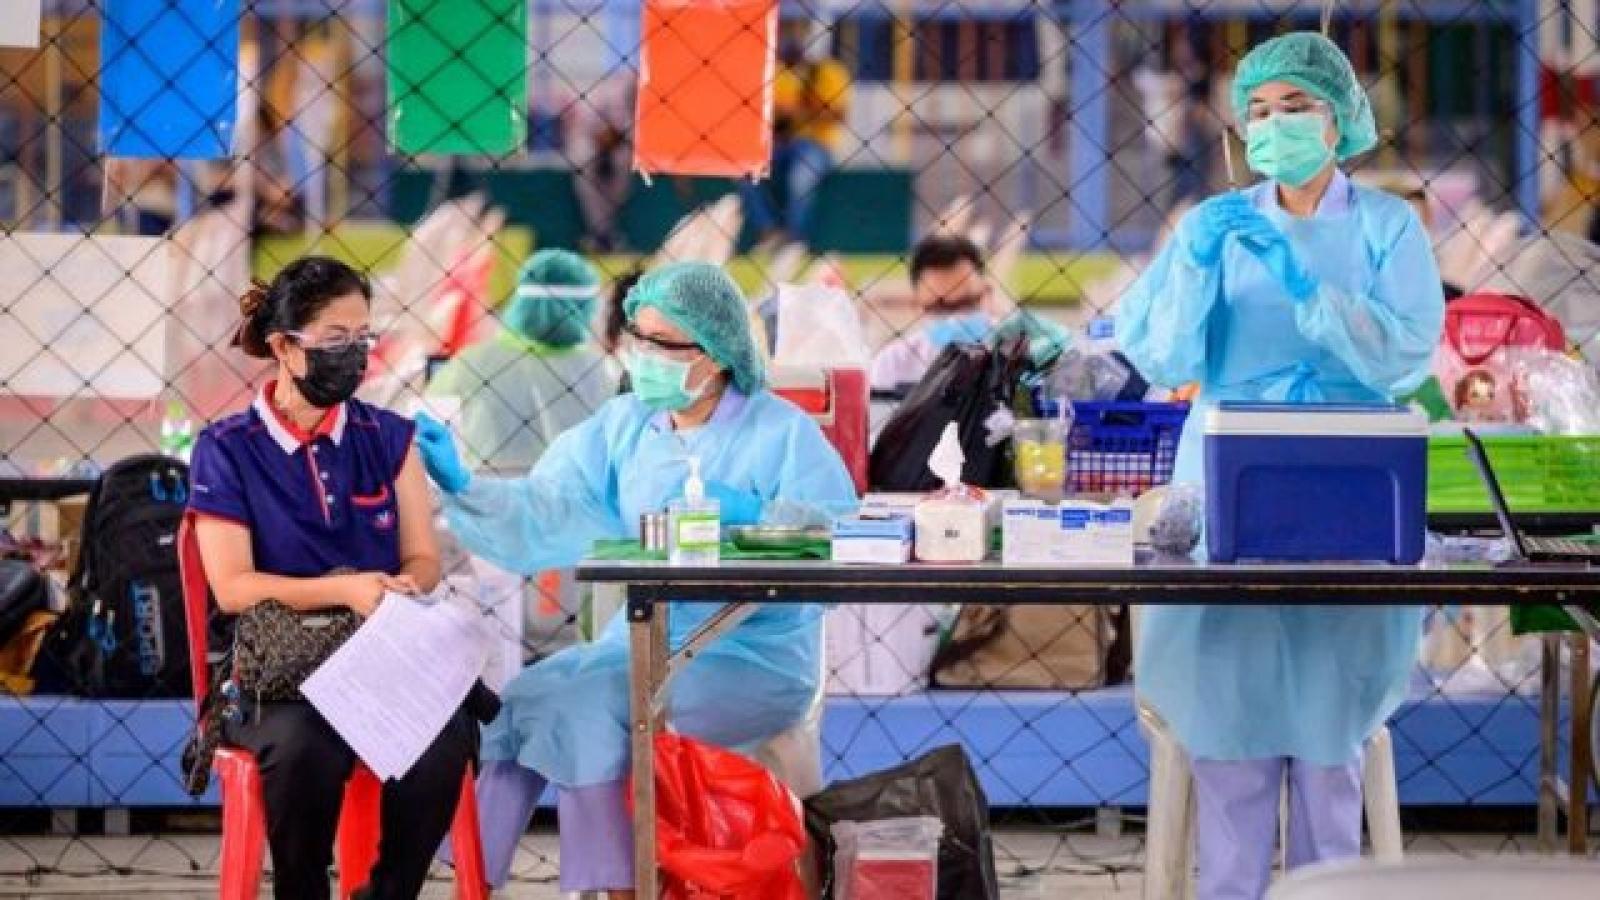 Thái Lan khởi động chiến dịch tiêm chủng vaccine Covid-19 quy mô lớn